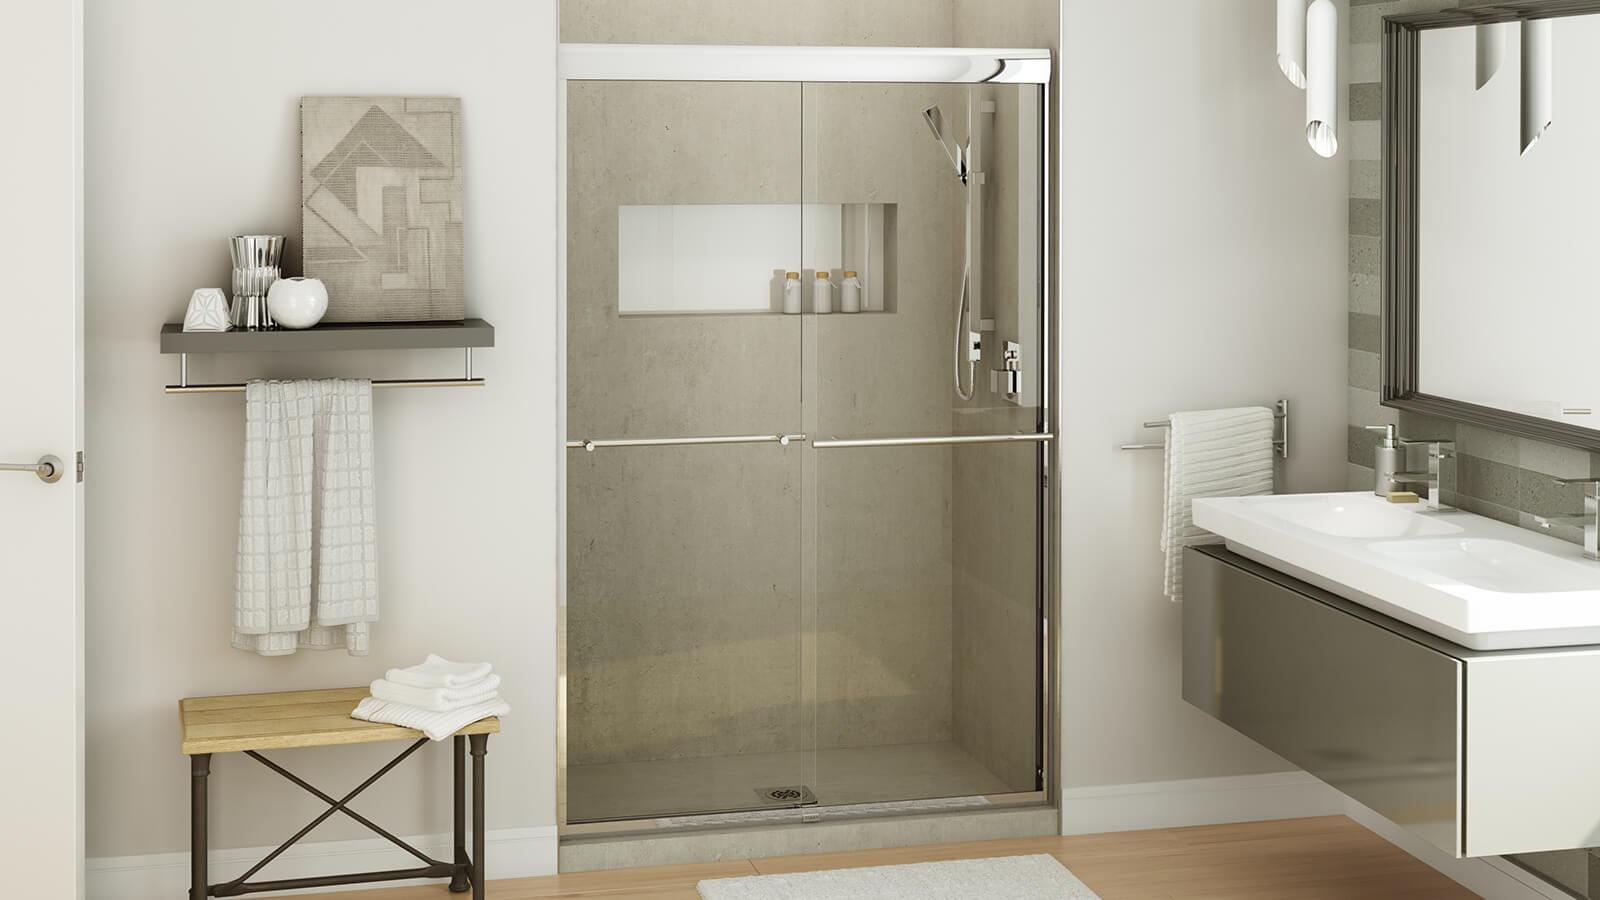 Kameleon shower door